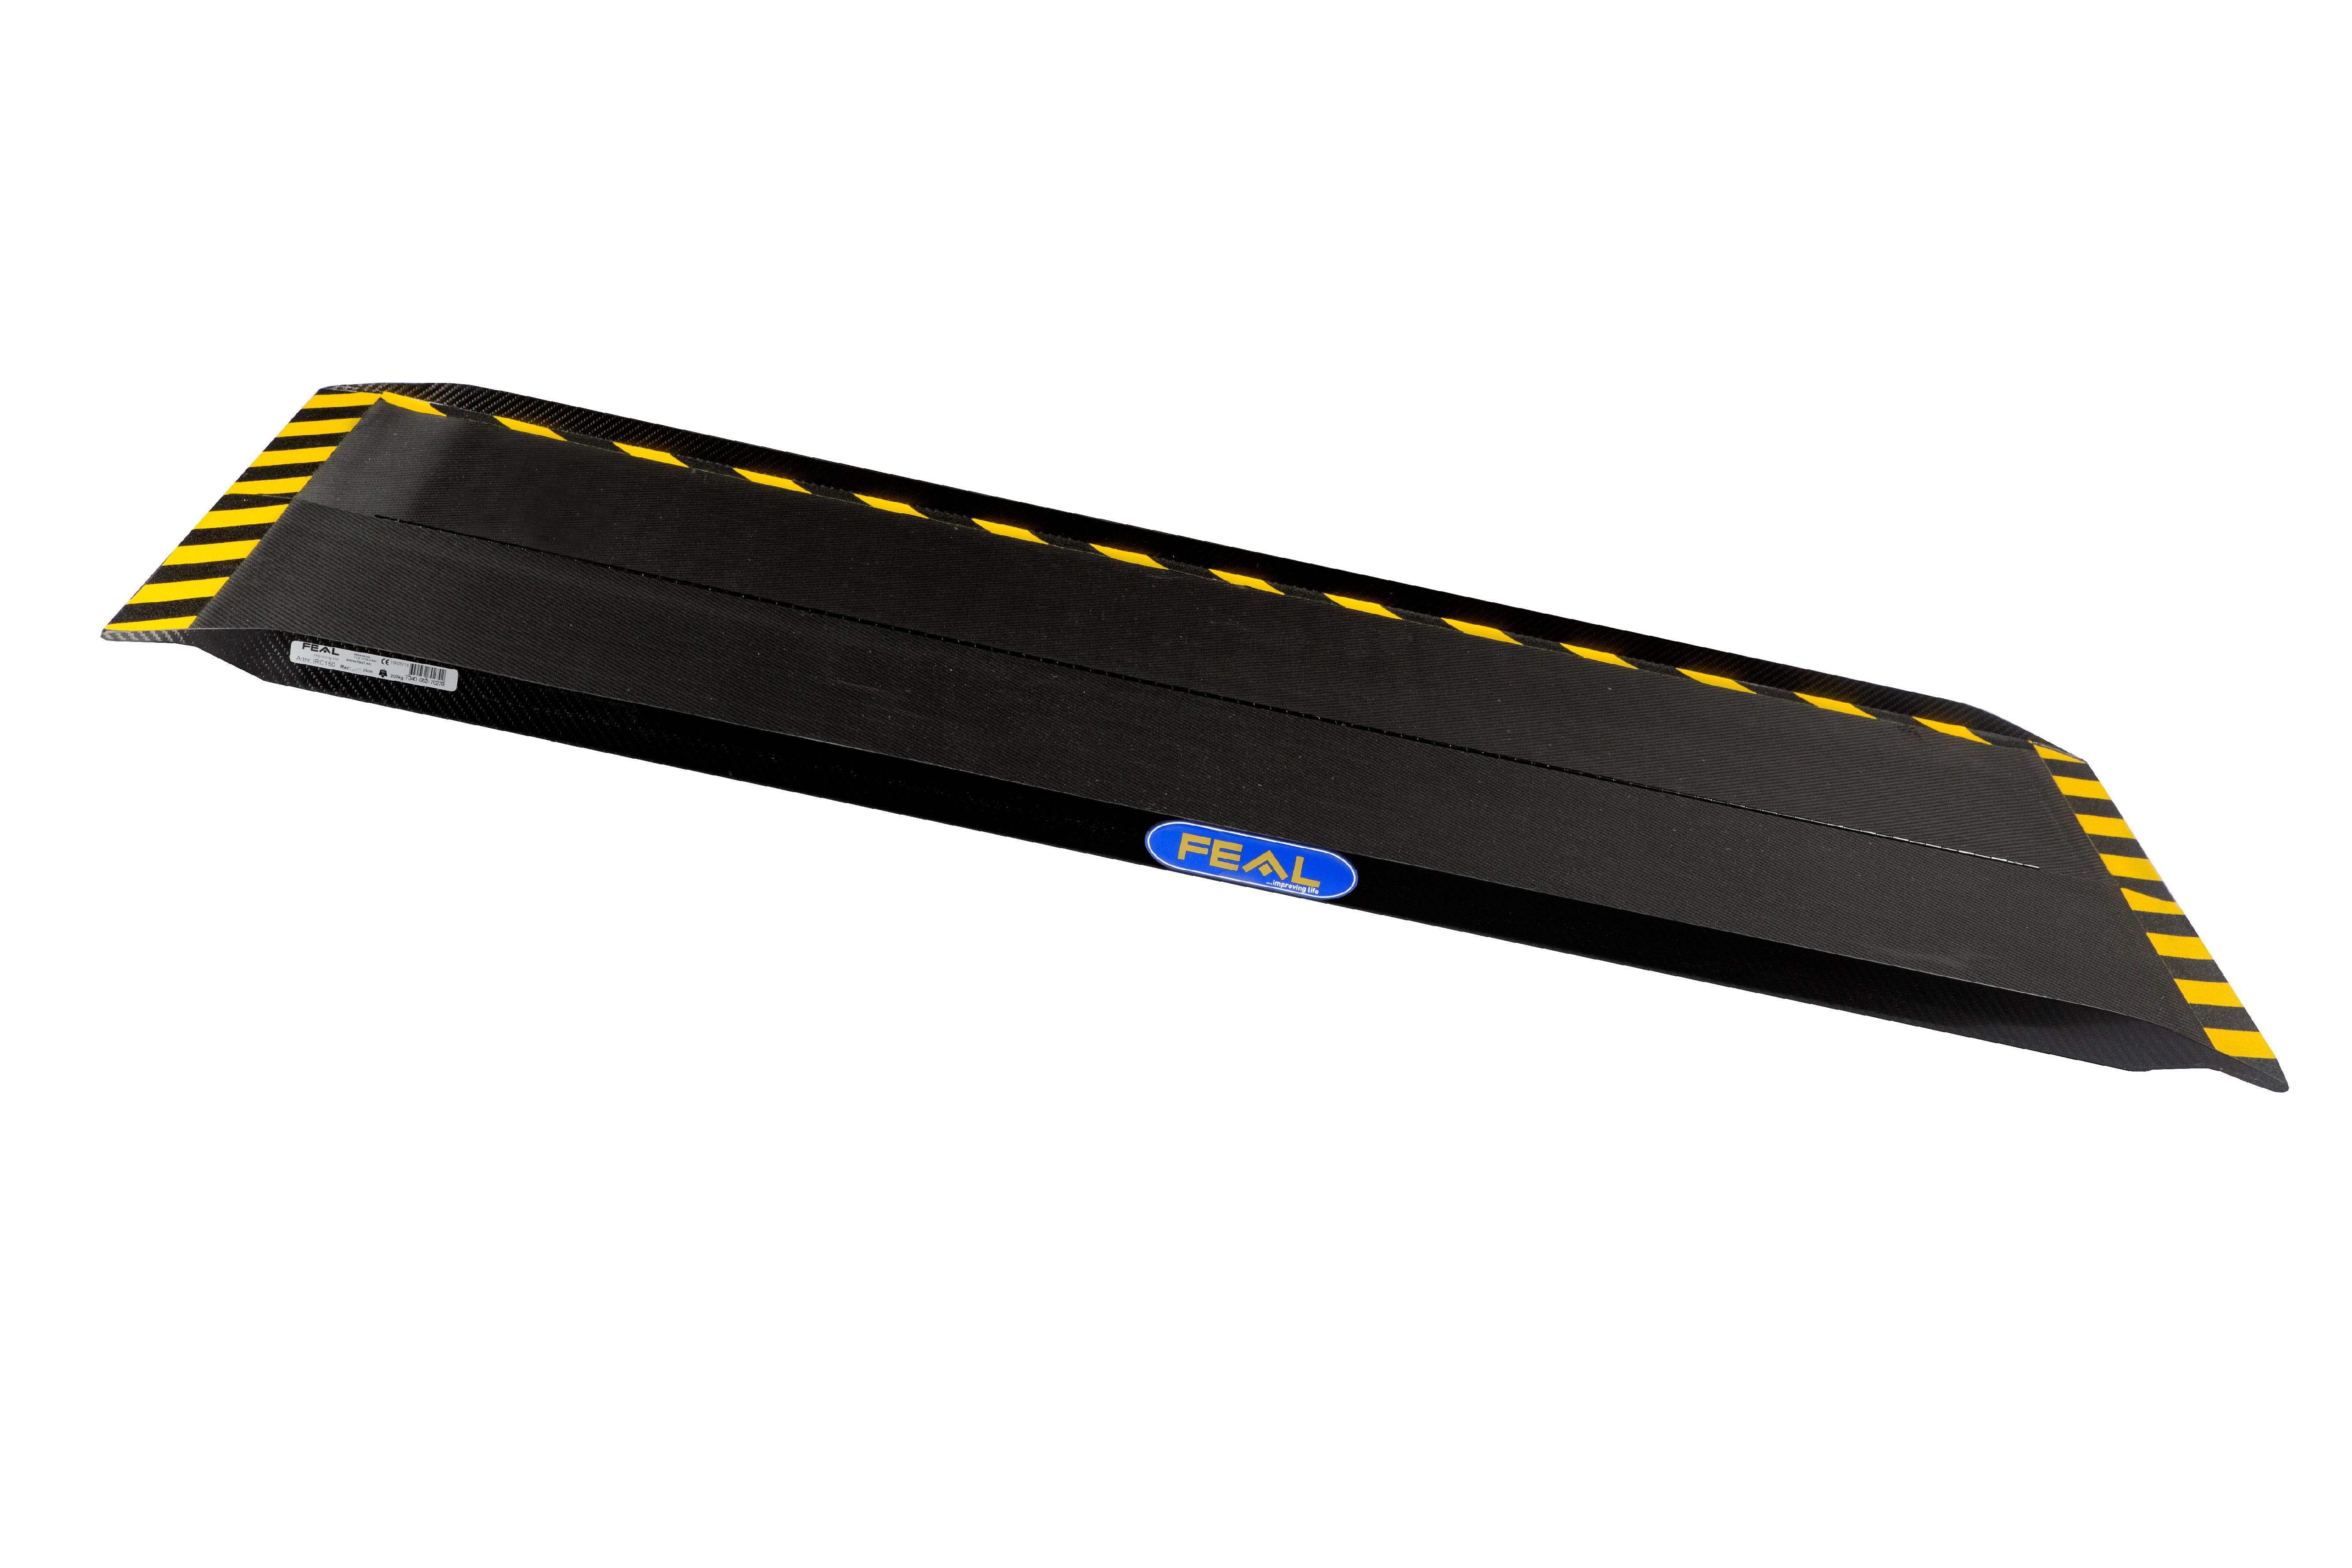 Přenosná karbonová nájezdová rampa široká, podélně sklopná o délkách 75, 120, 150 nebo 200cm Délky: